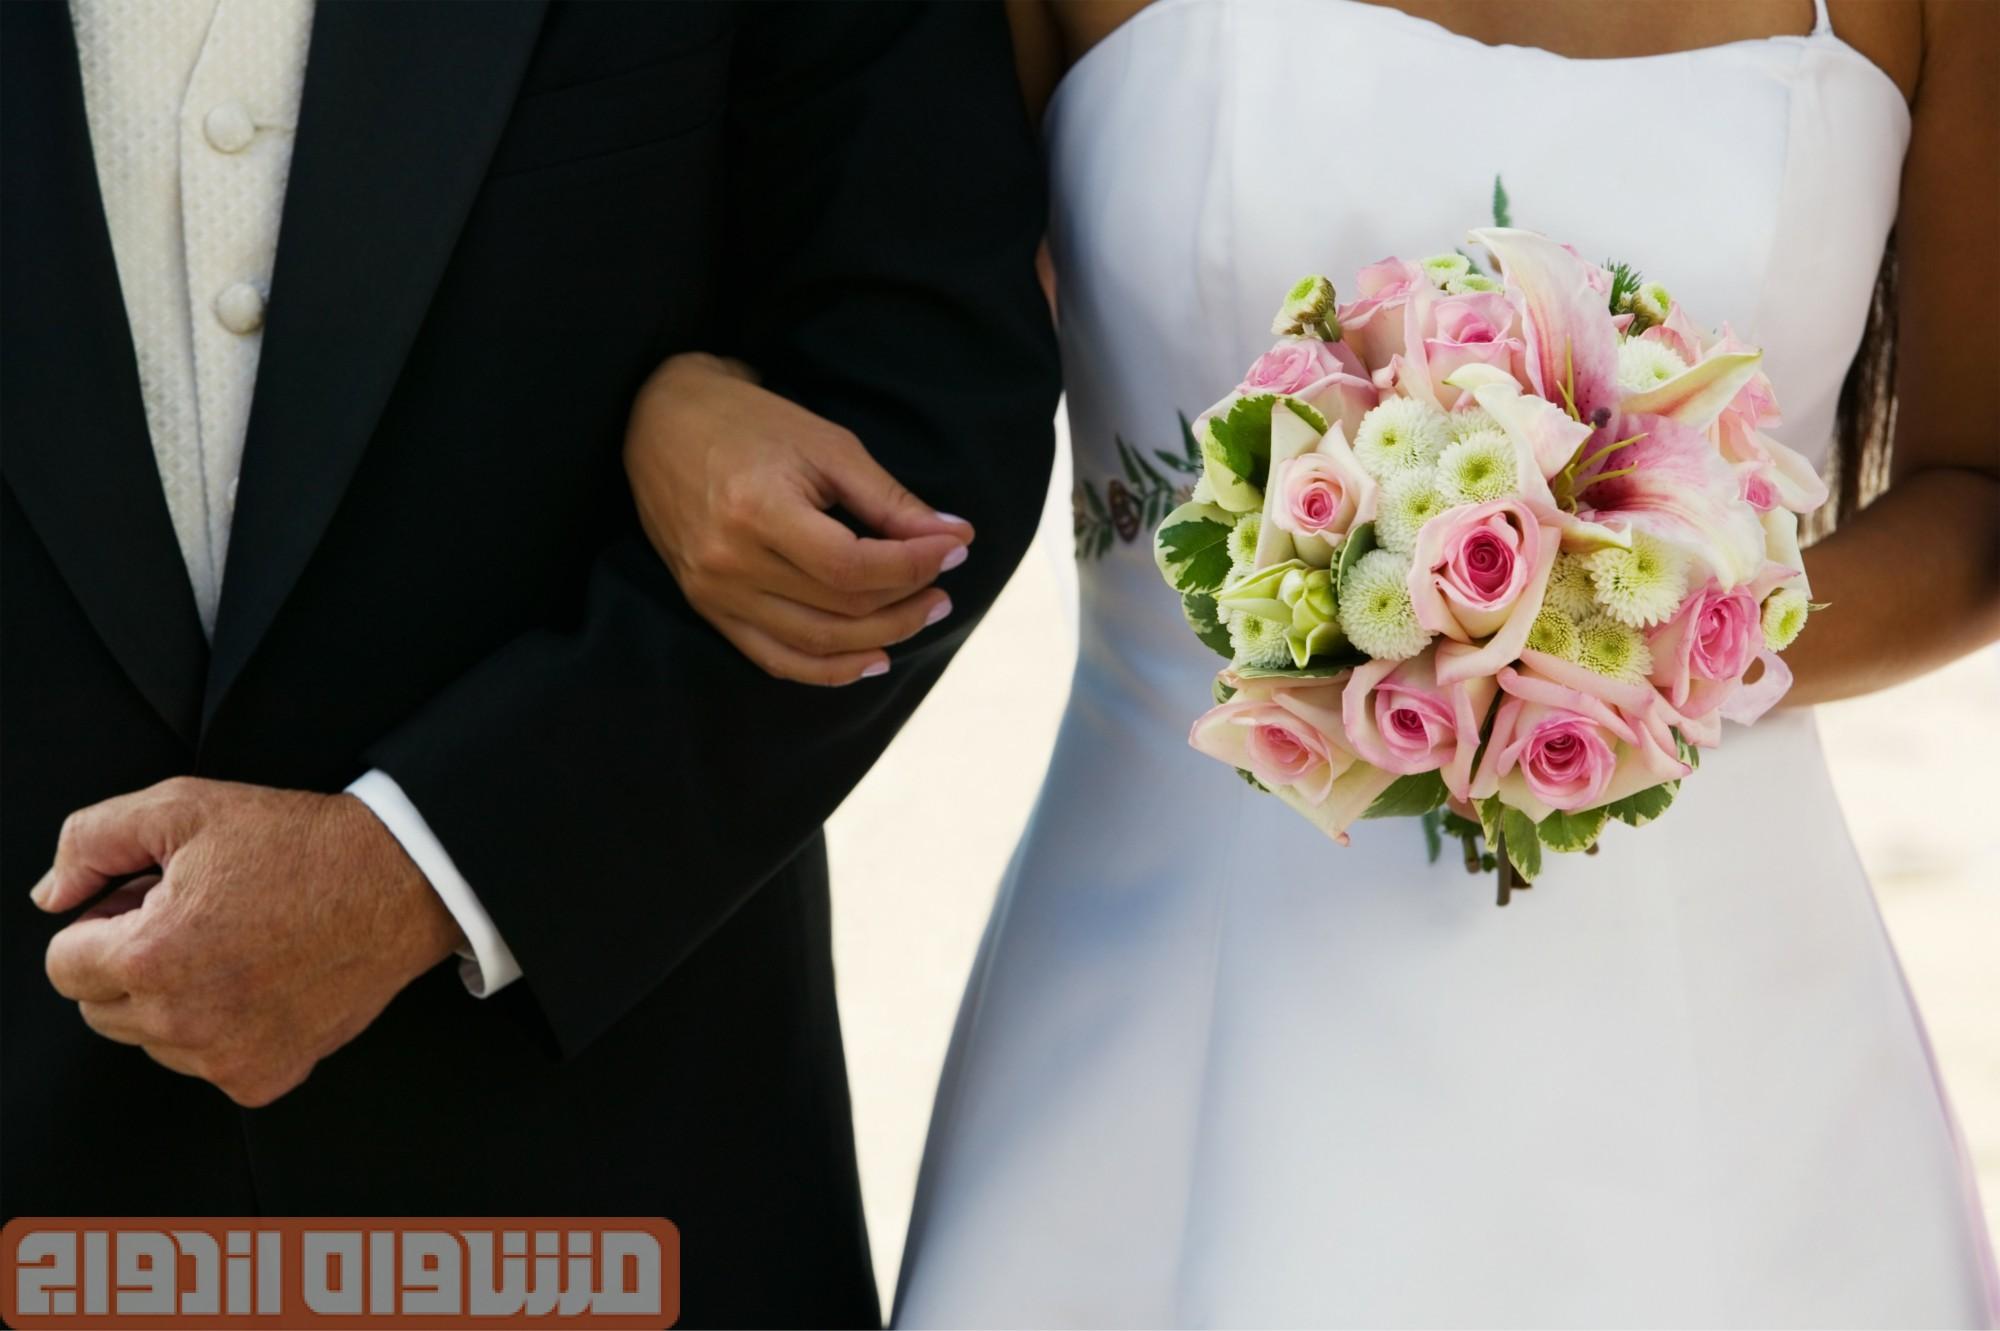 بهترین سن ازدوج - سایت مشاوره ازدواج - عکس عاشقانه